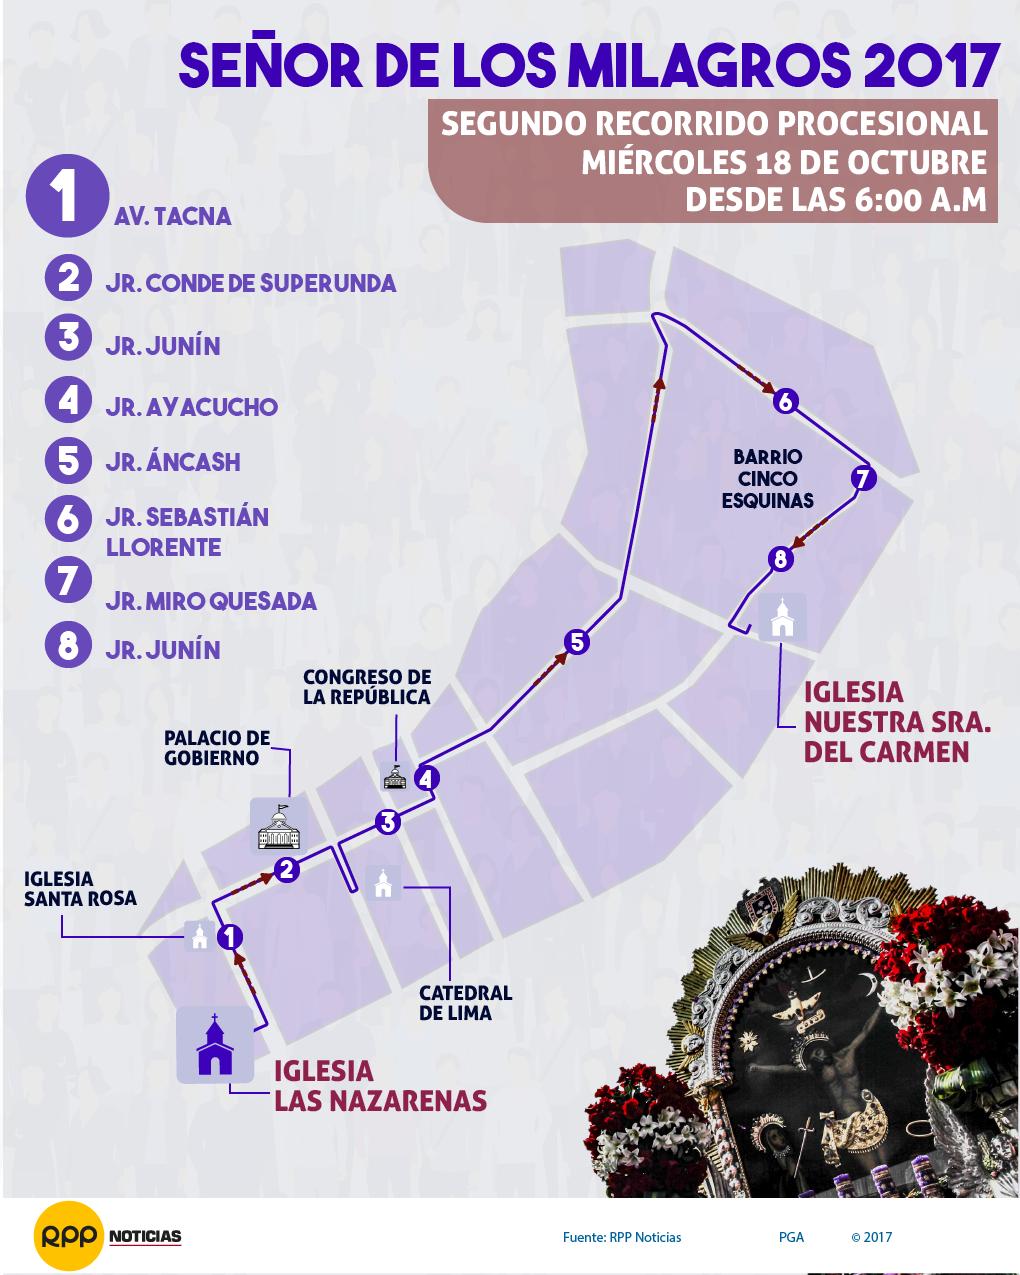 Este será el segundo recorrido de octubre del Señor de los Milagros